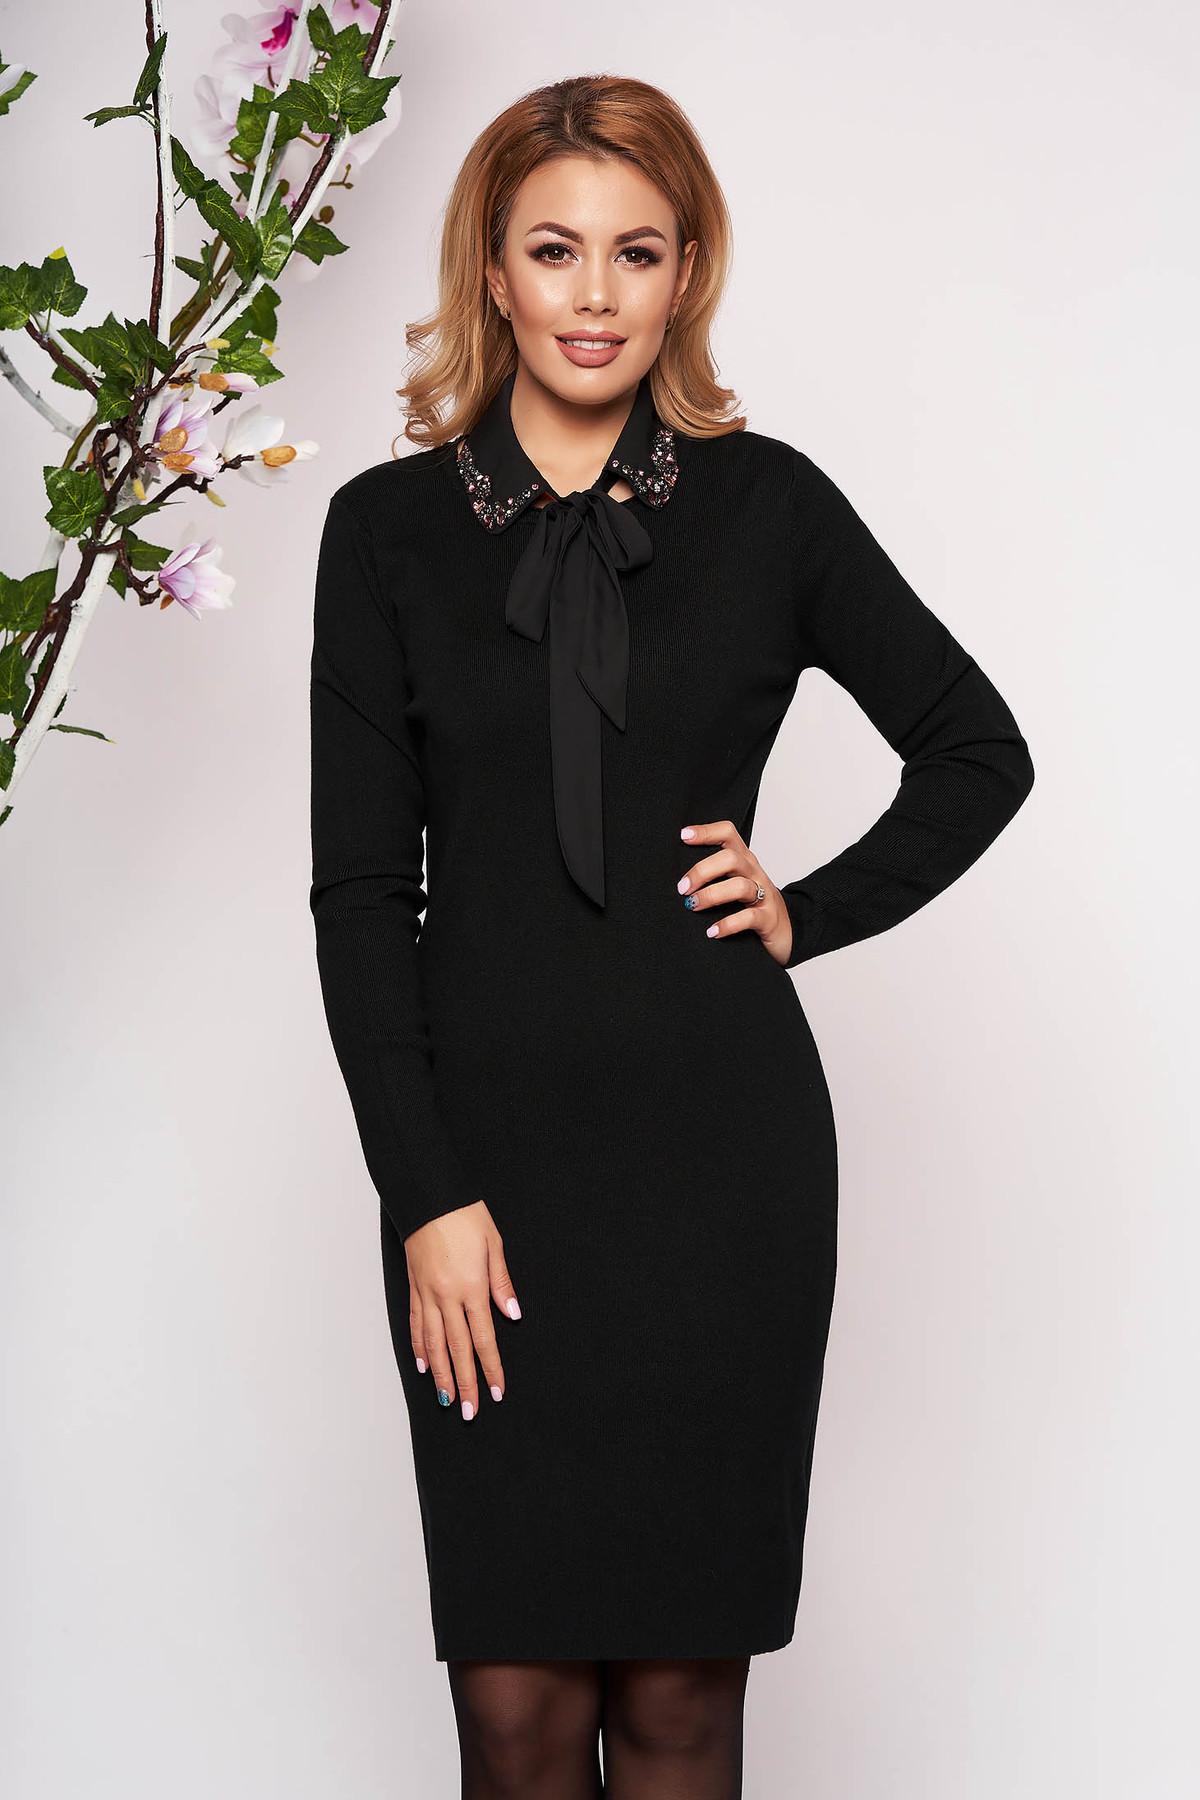 Rochie SunShine neagra eleganta scurta tricotata tip creion cu maneci lungi guler detasabil si decolteu la baza gatului